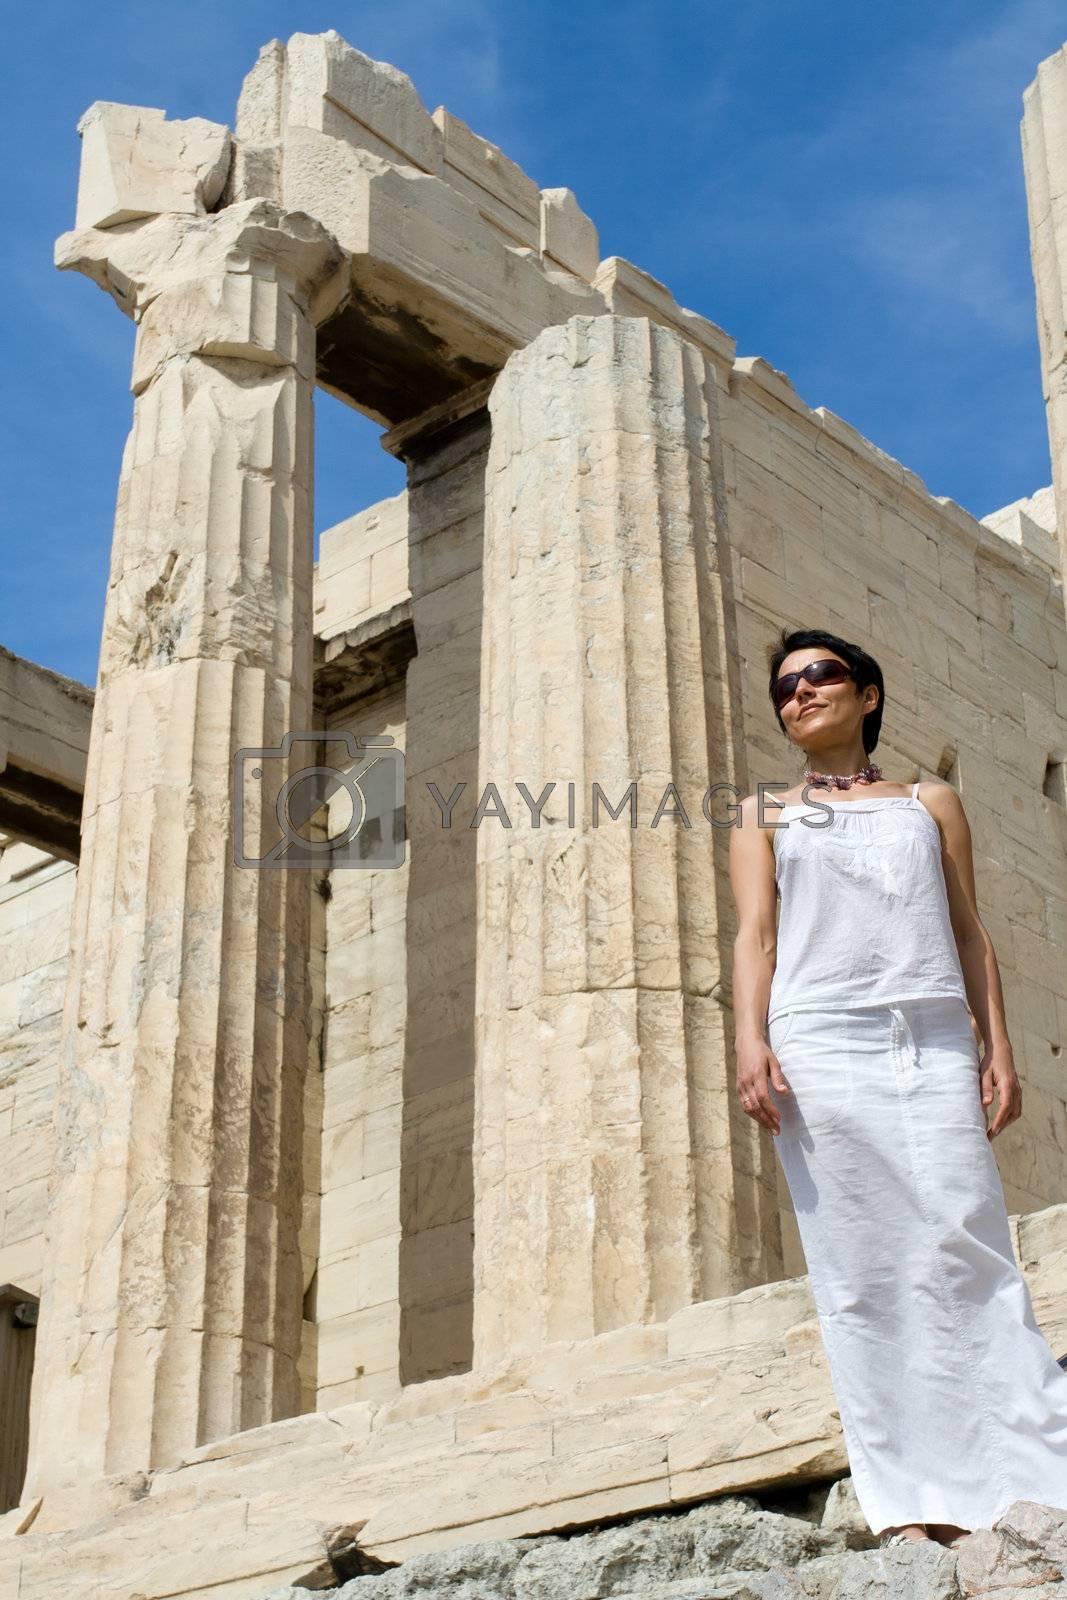 Woman near Propylaea Columns Acropolis Athens Greece on sky back by SergeyAK